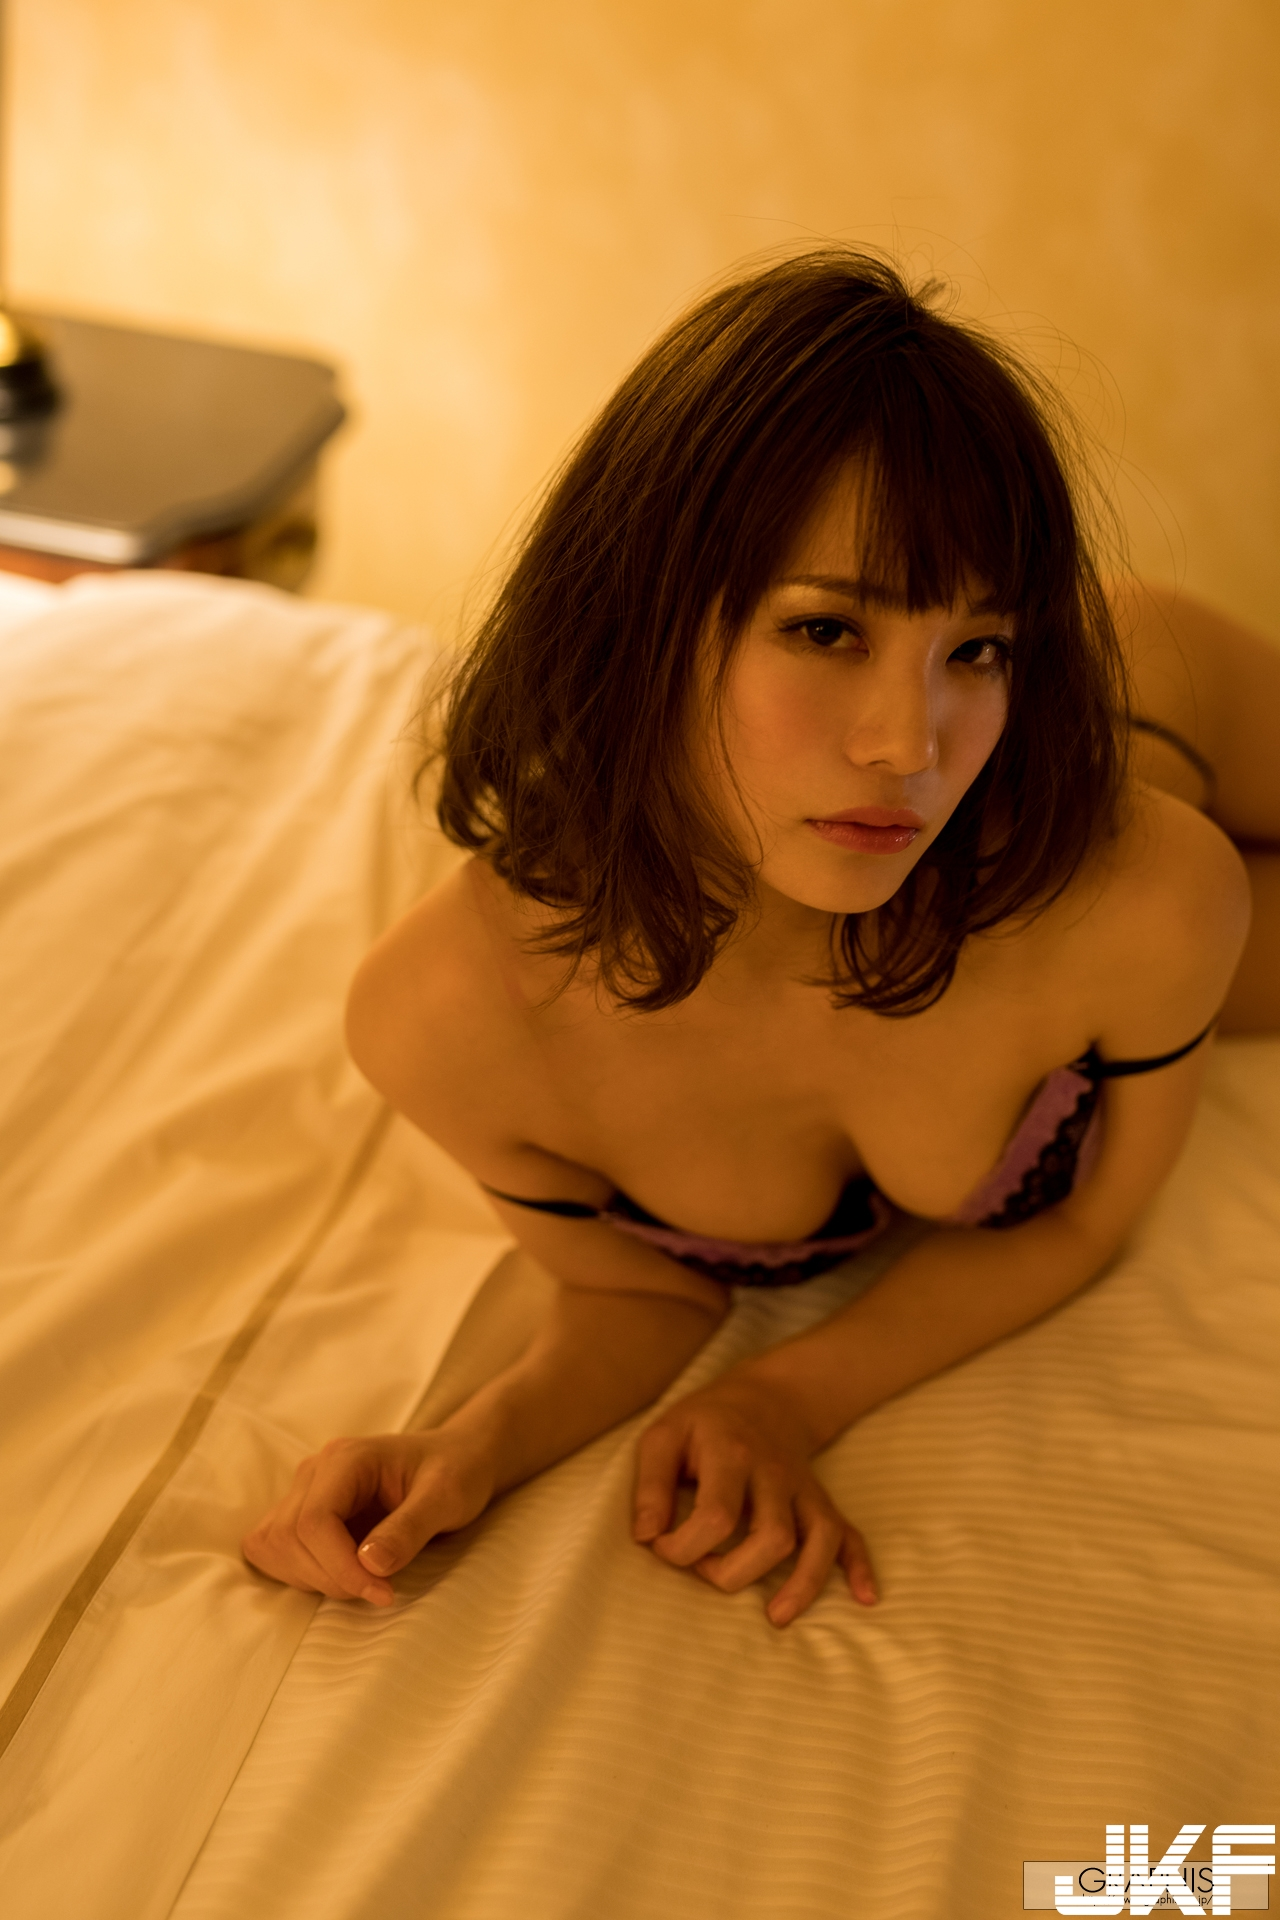 gra_airi-s4138.jpg